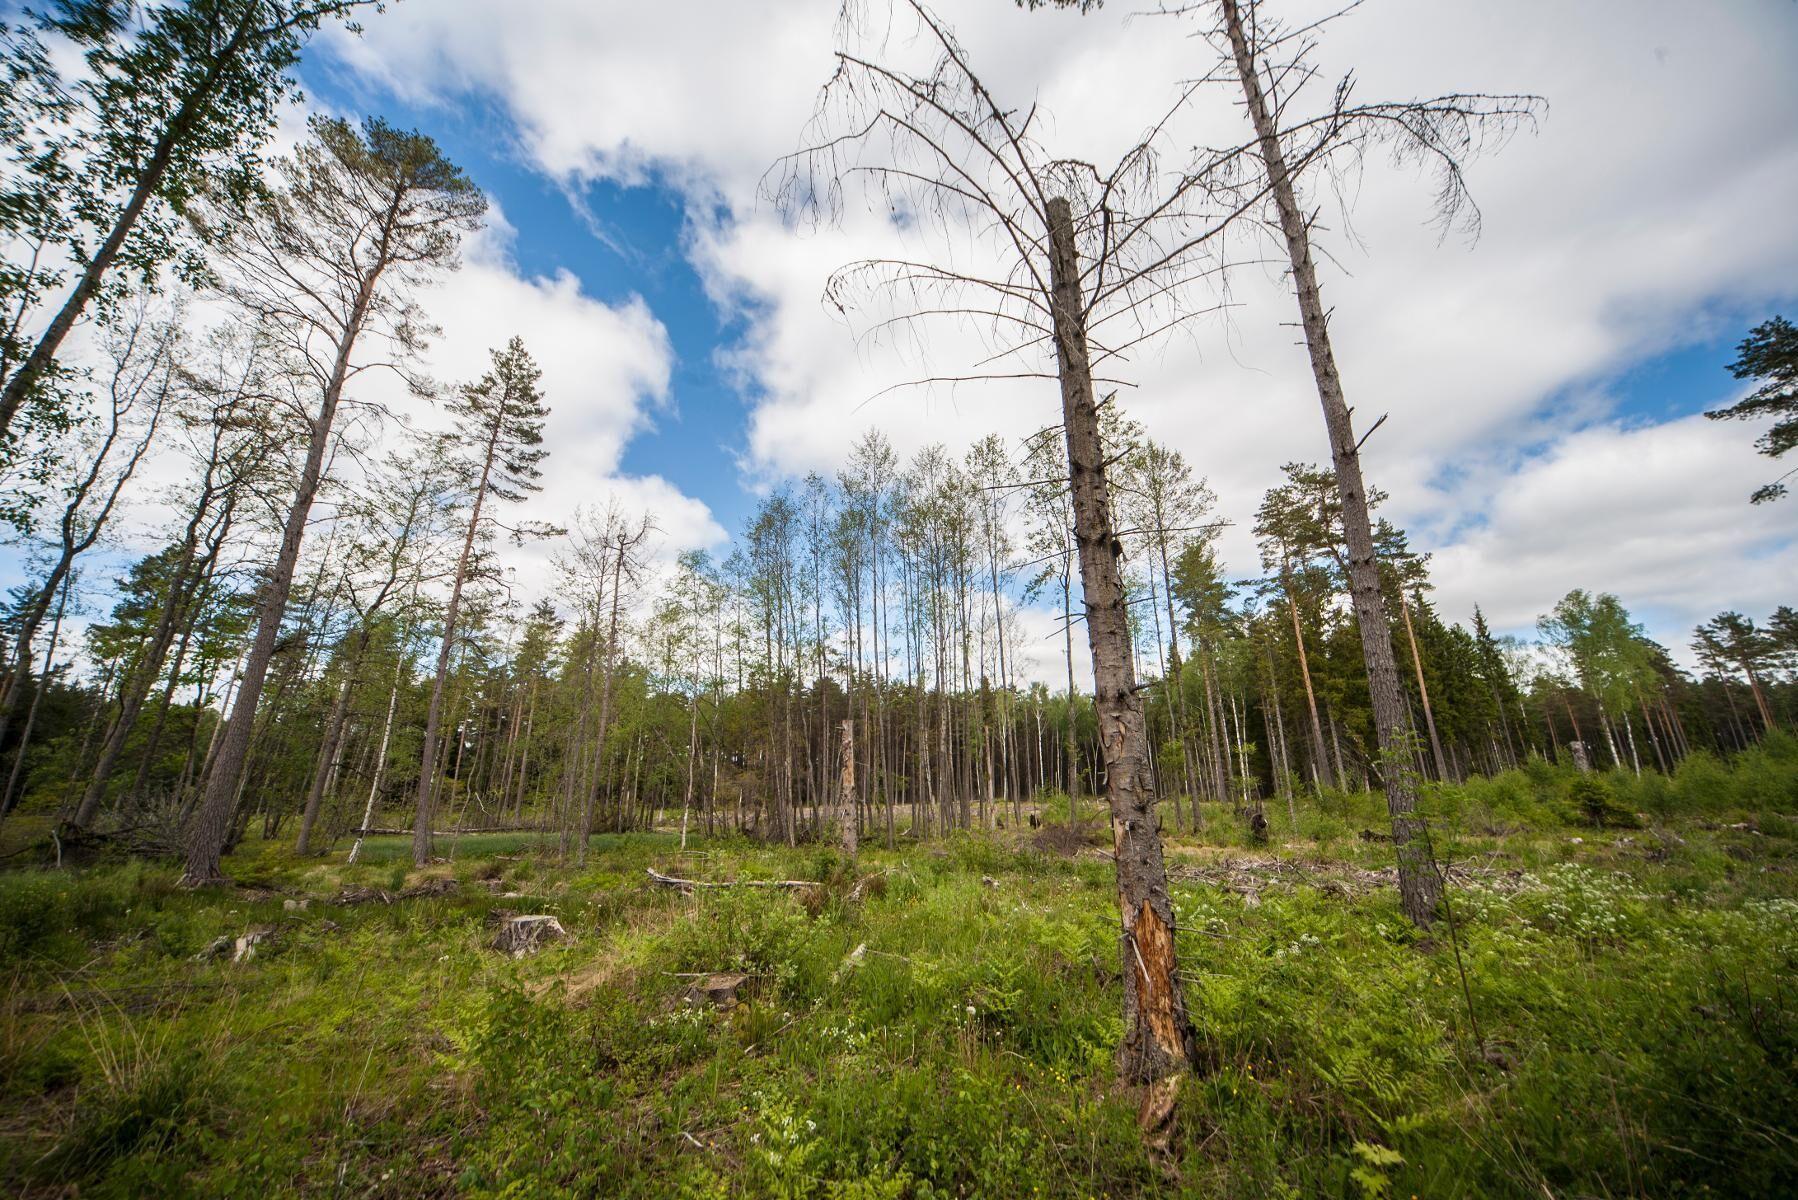 En fungerande äganderätt är en förutsättning för ett hållbart skogsägande och skogsbruk.